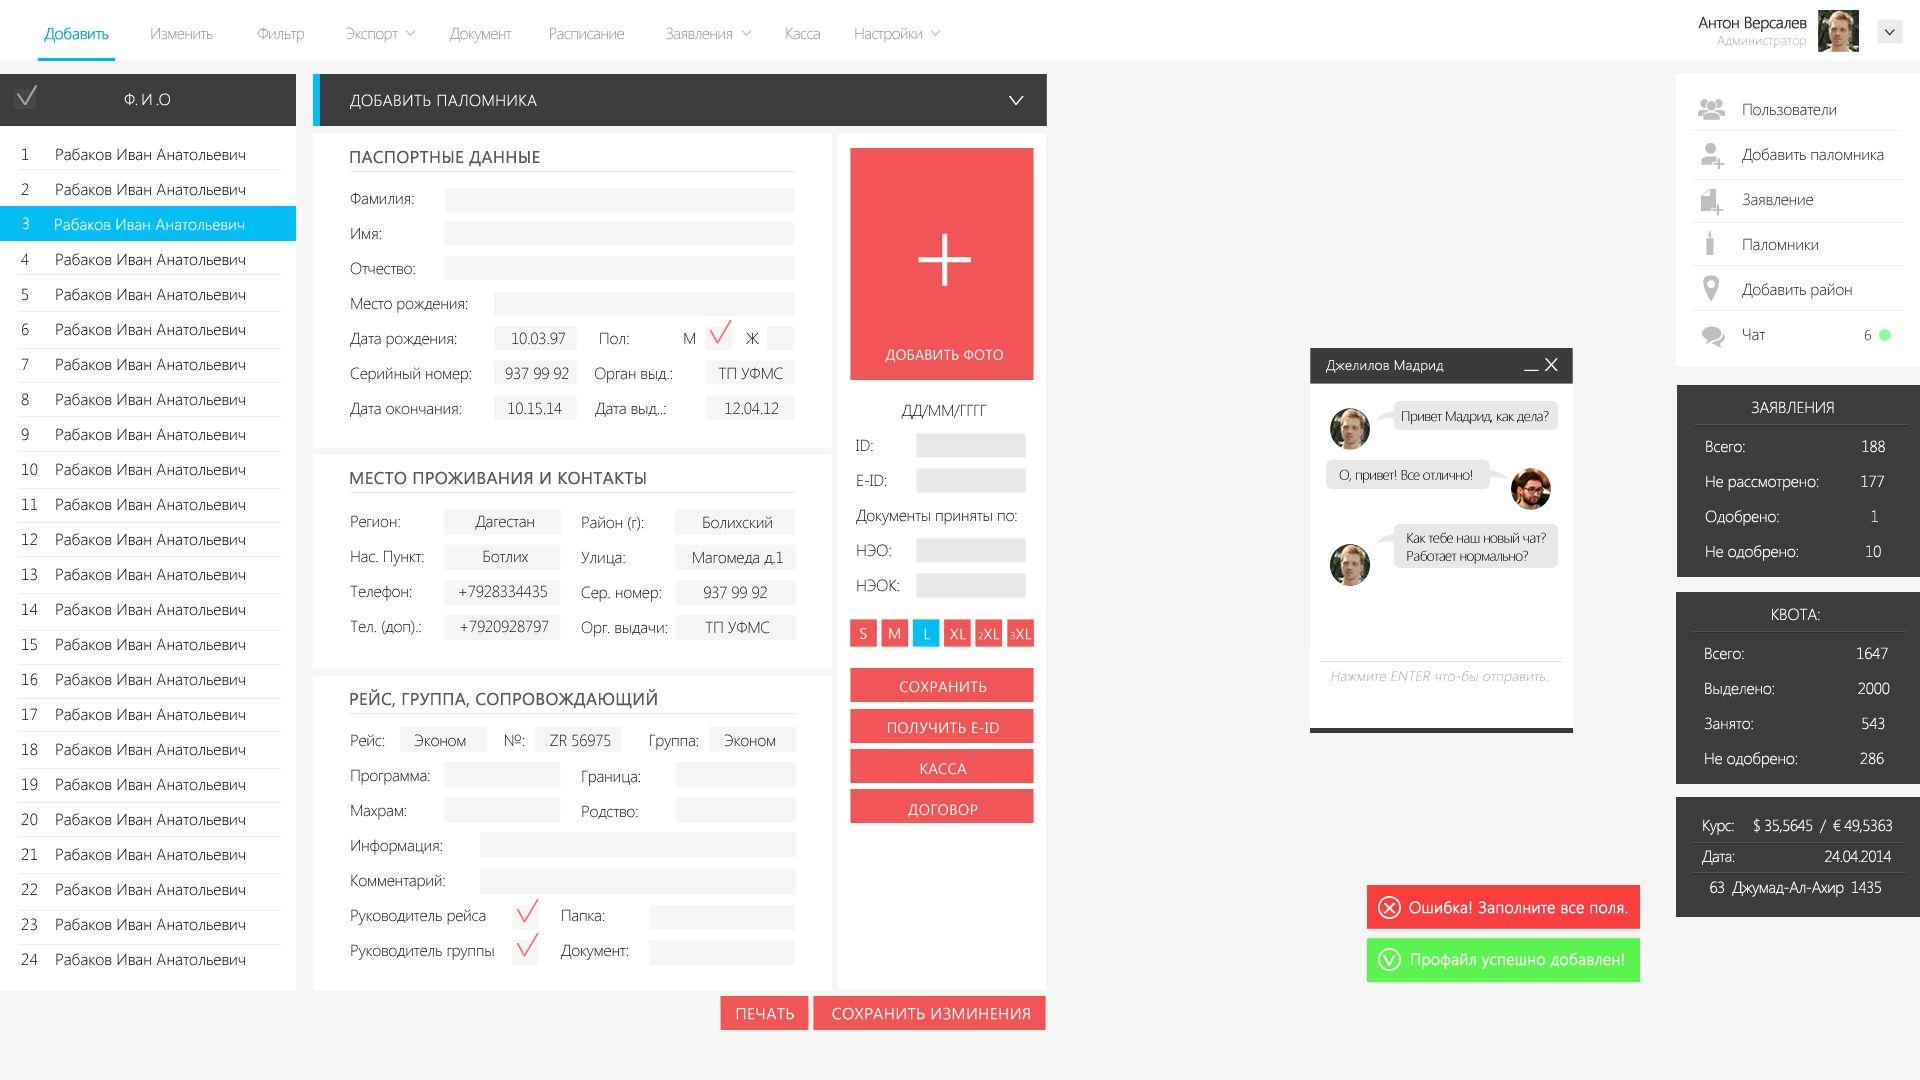 Интерфейс веб приложения компании - дизайнер Kagamin